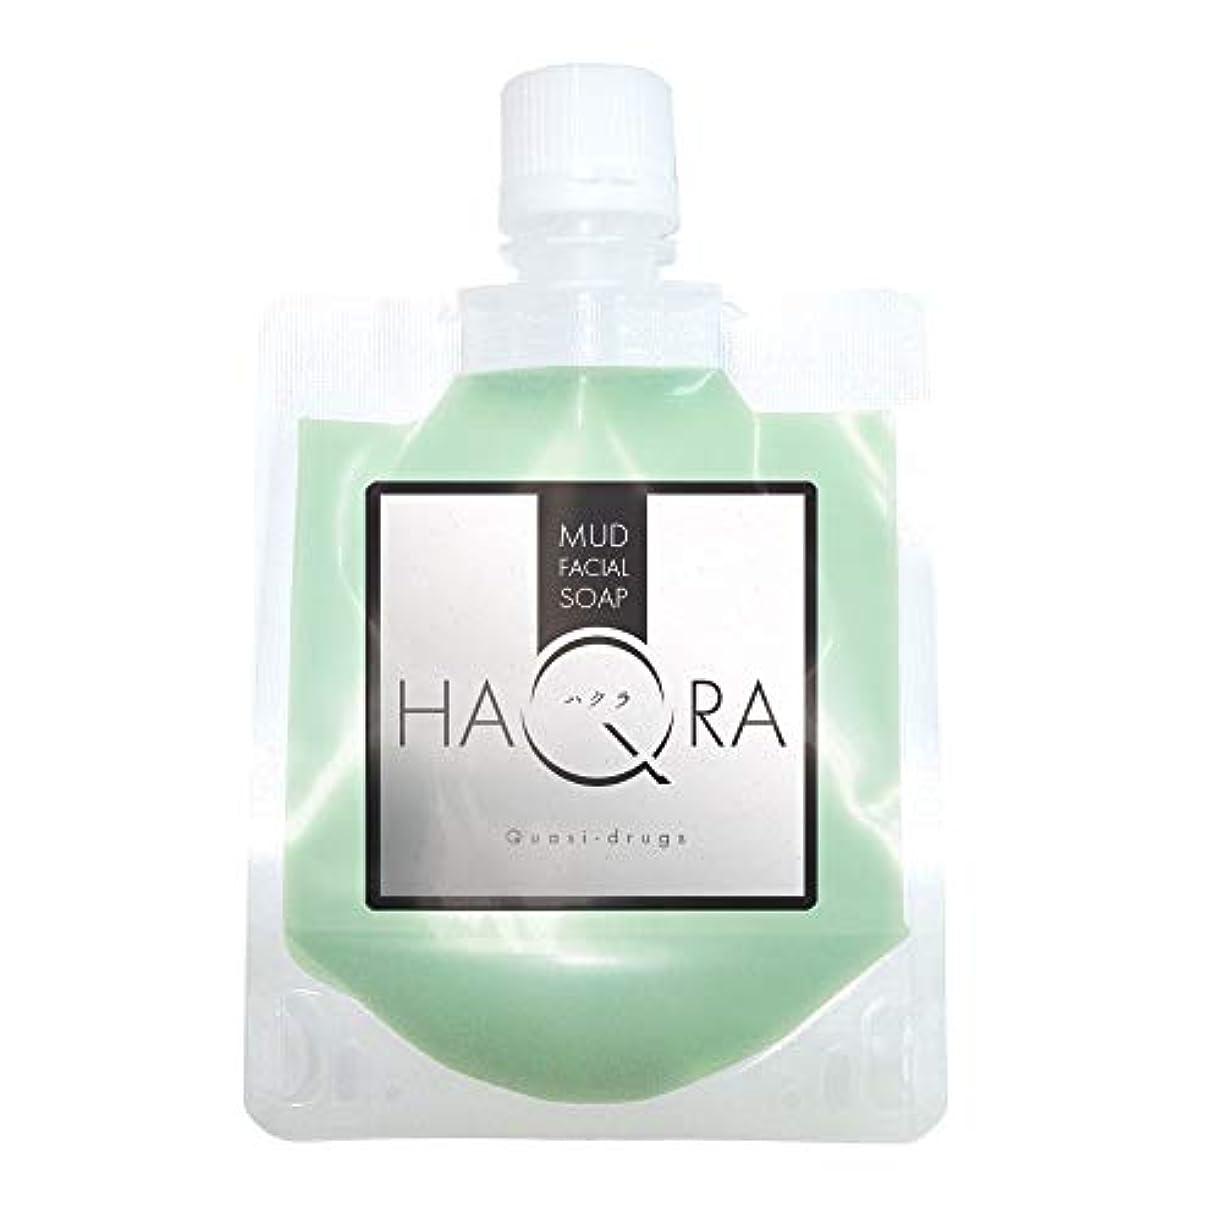 逆アヒル下向きハクラ HAQRA クレイ洗顔 泥洗顔 石鹸 石けん